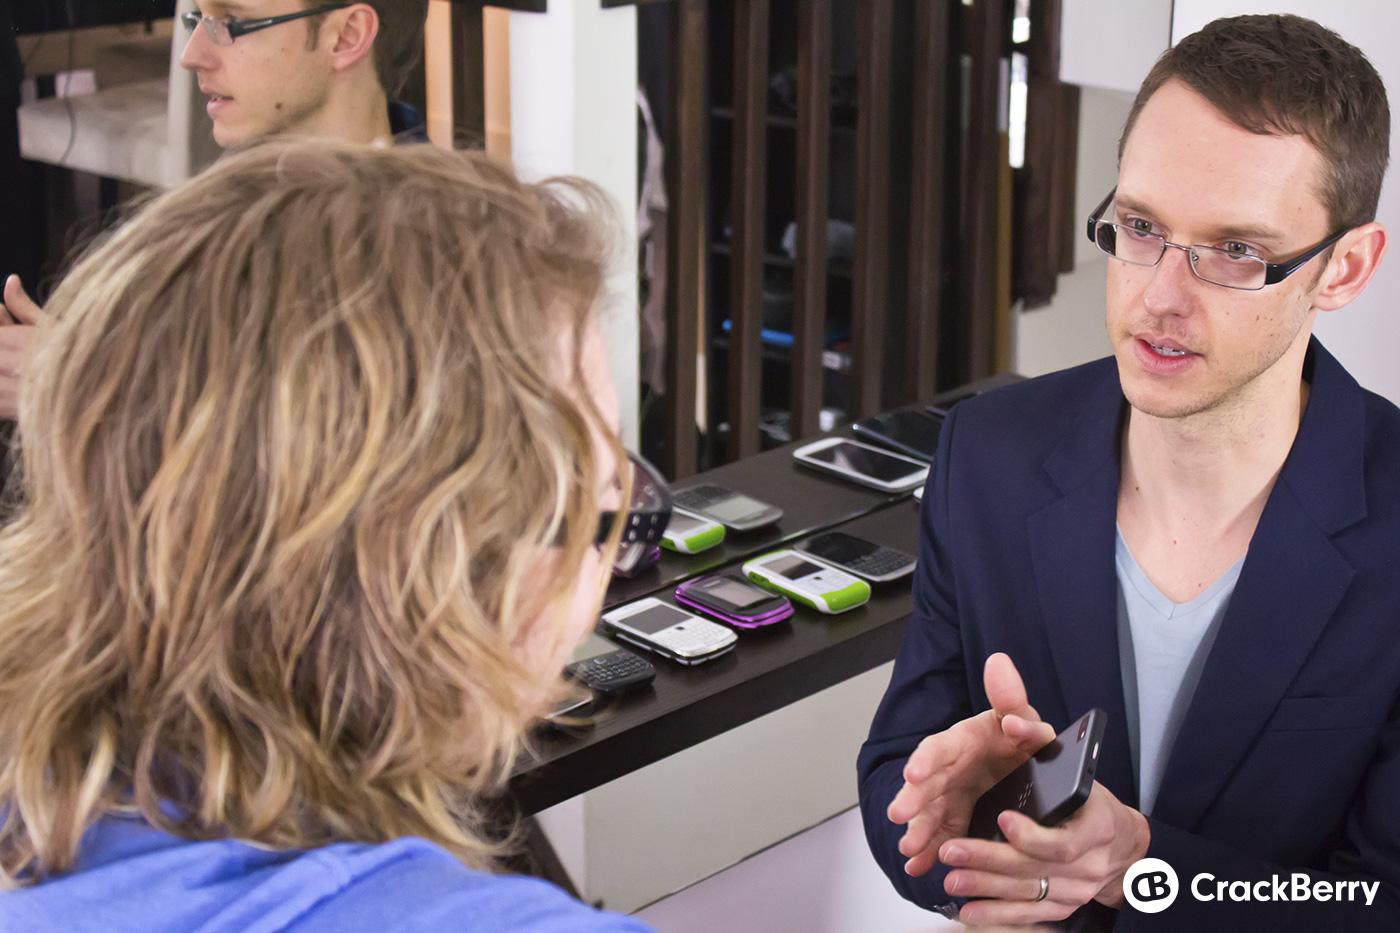 BlackBerry's Joseph Hofer (right), talks about the BlackBerry Z10's design